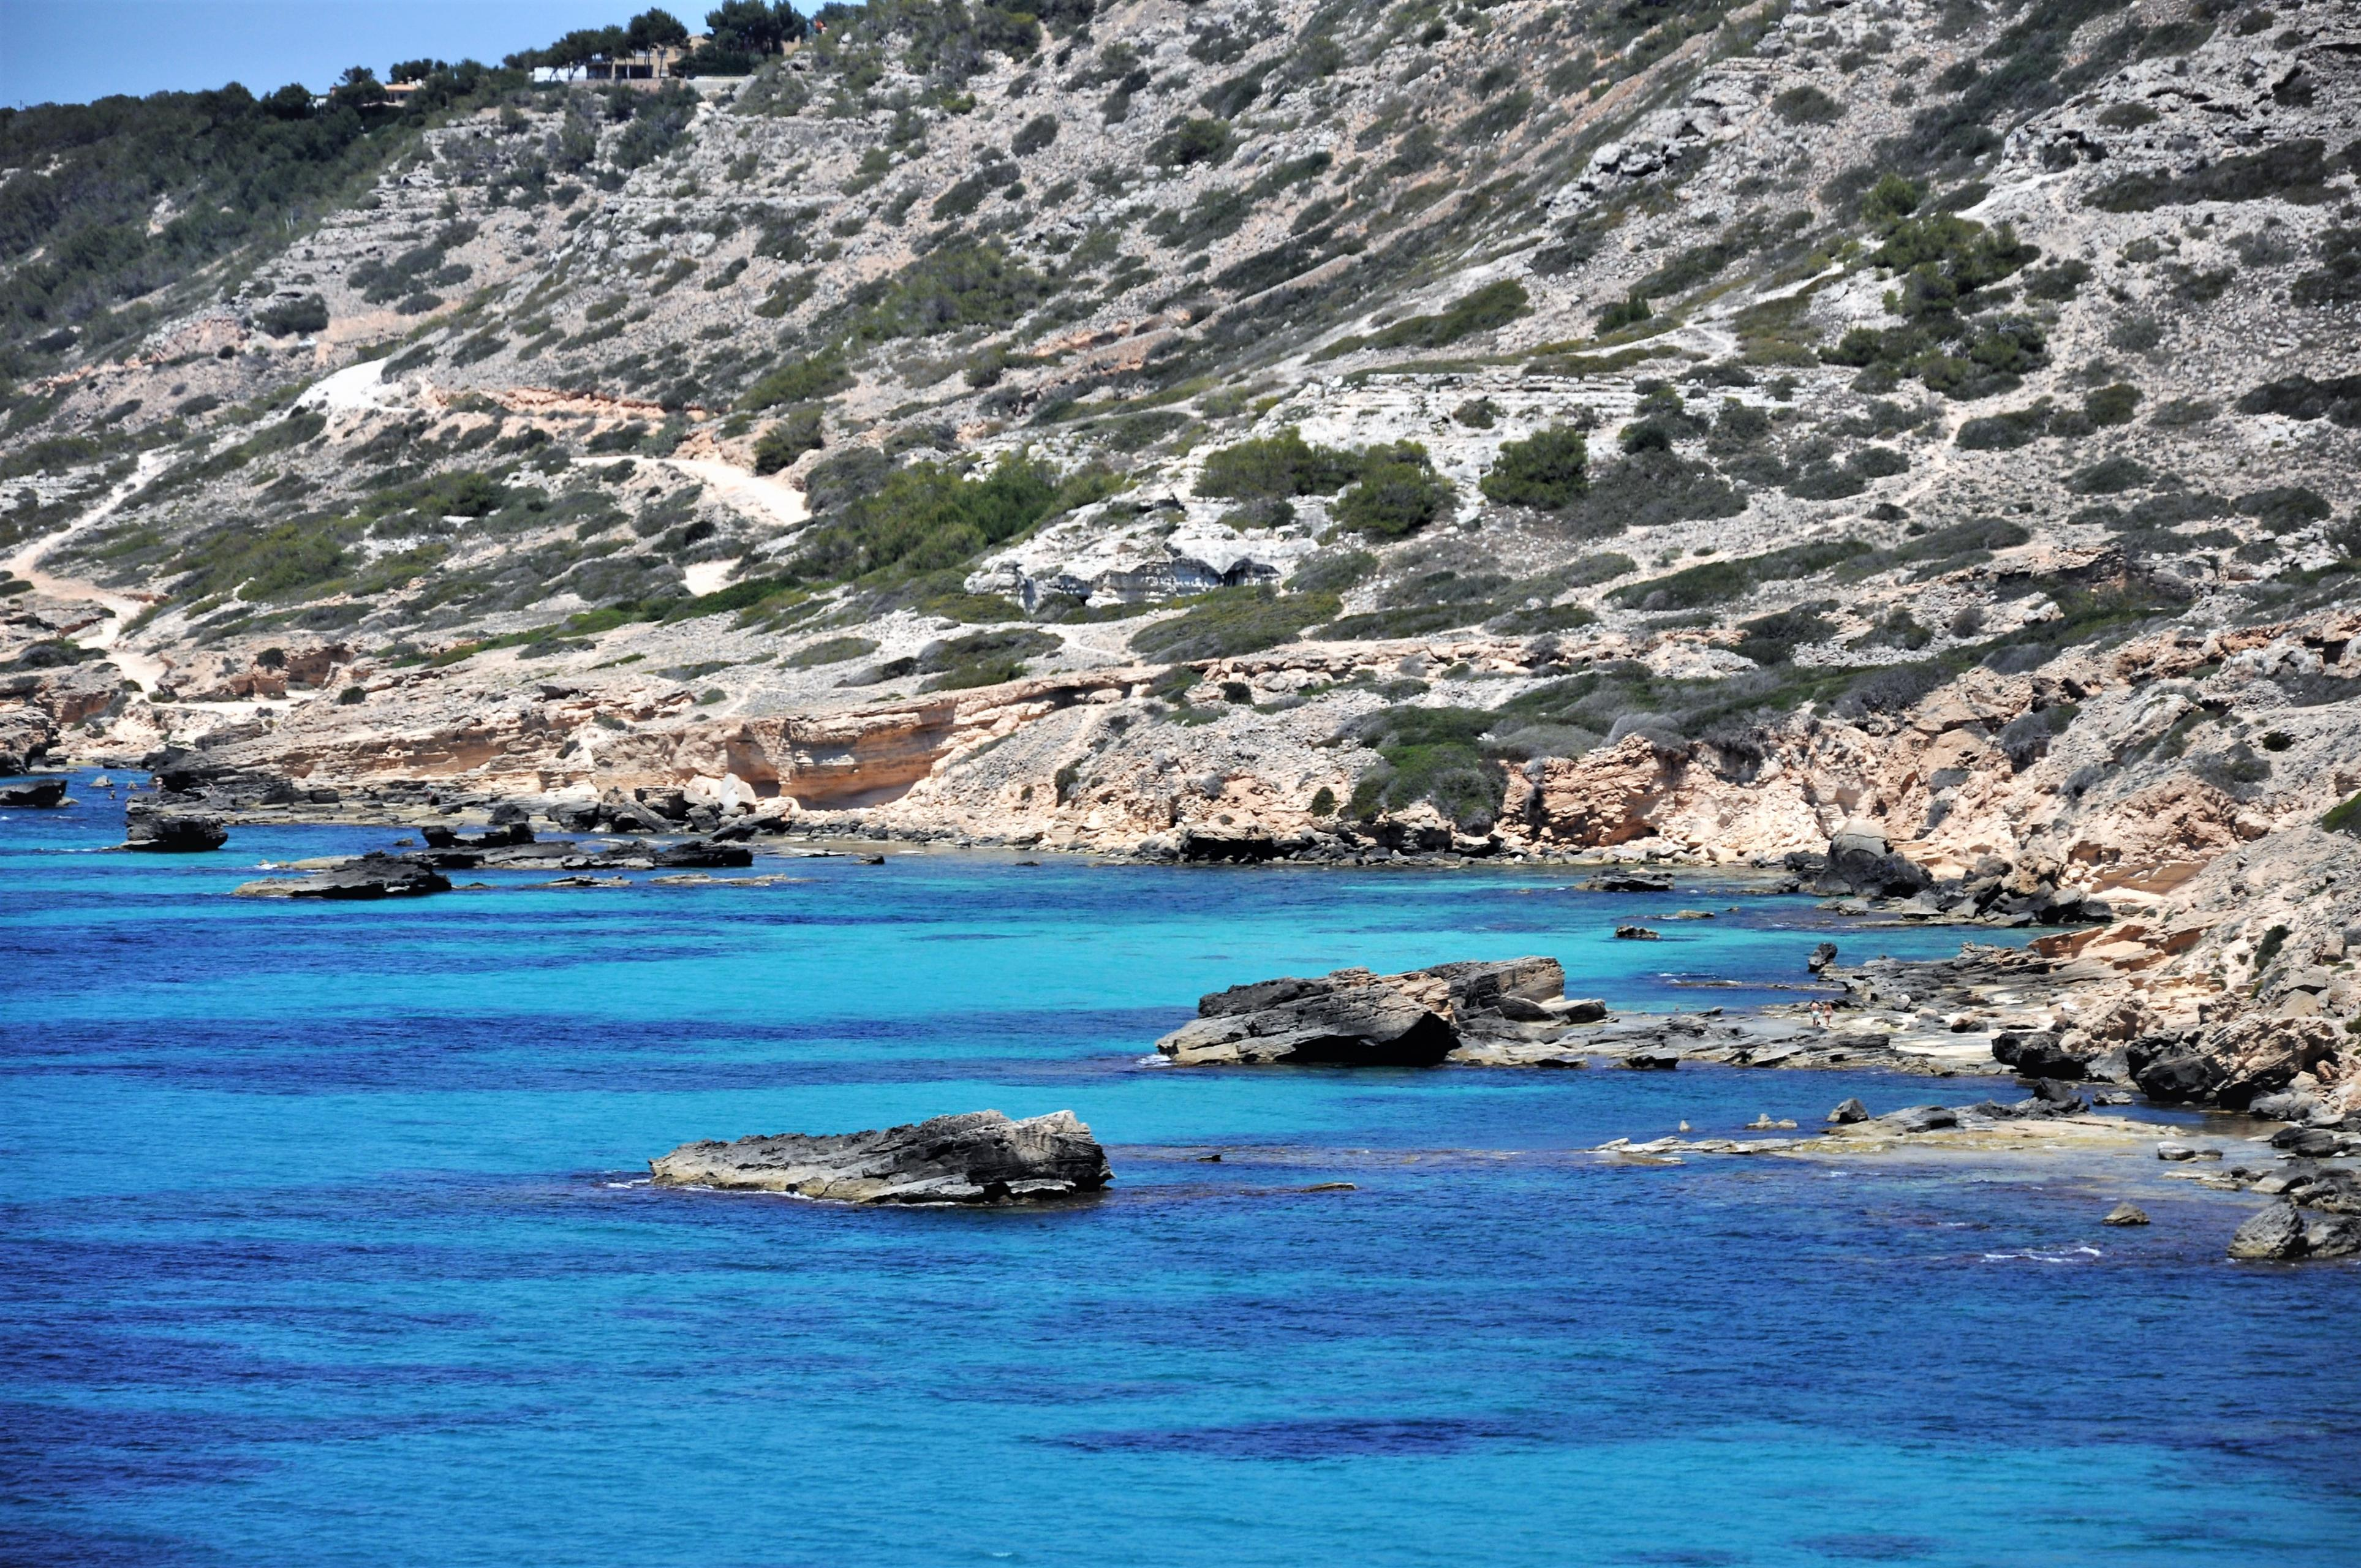 Maison de vacances VILLA BAY BLUE- Bahia Azul- Mallorca - VILLAONLINE - Kostenloses WLAN (2684052), Bahia Azul, Majorque, Iles Baléares, Espagne, image 37